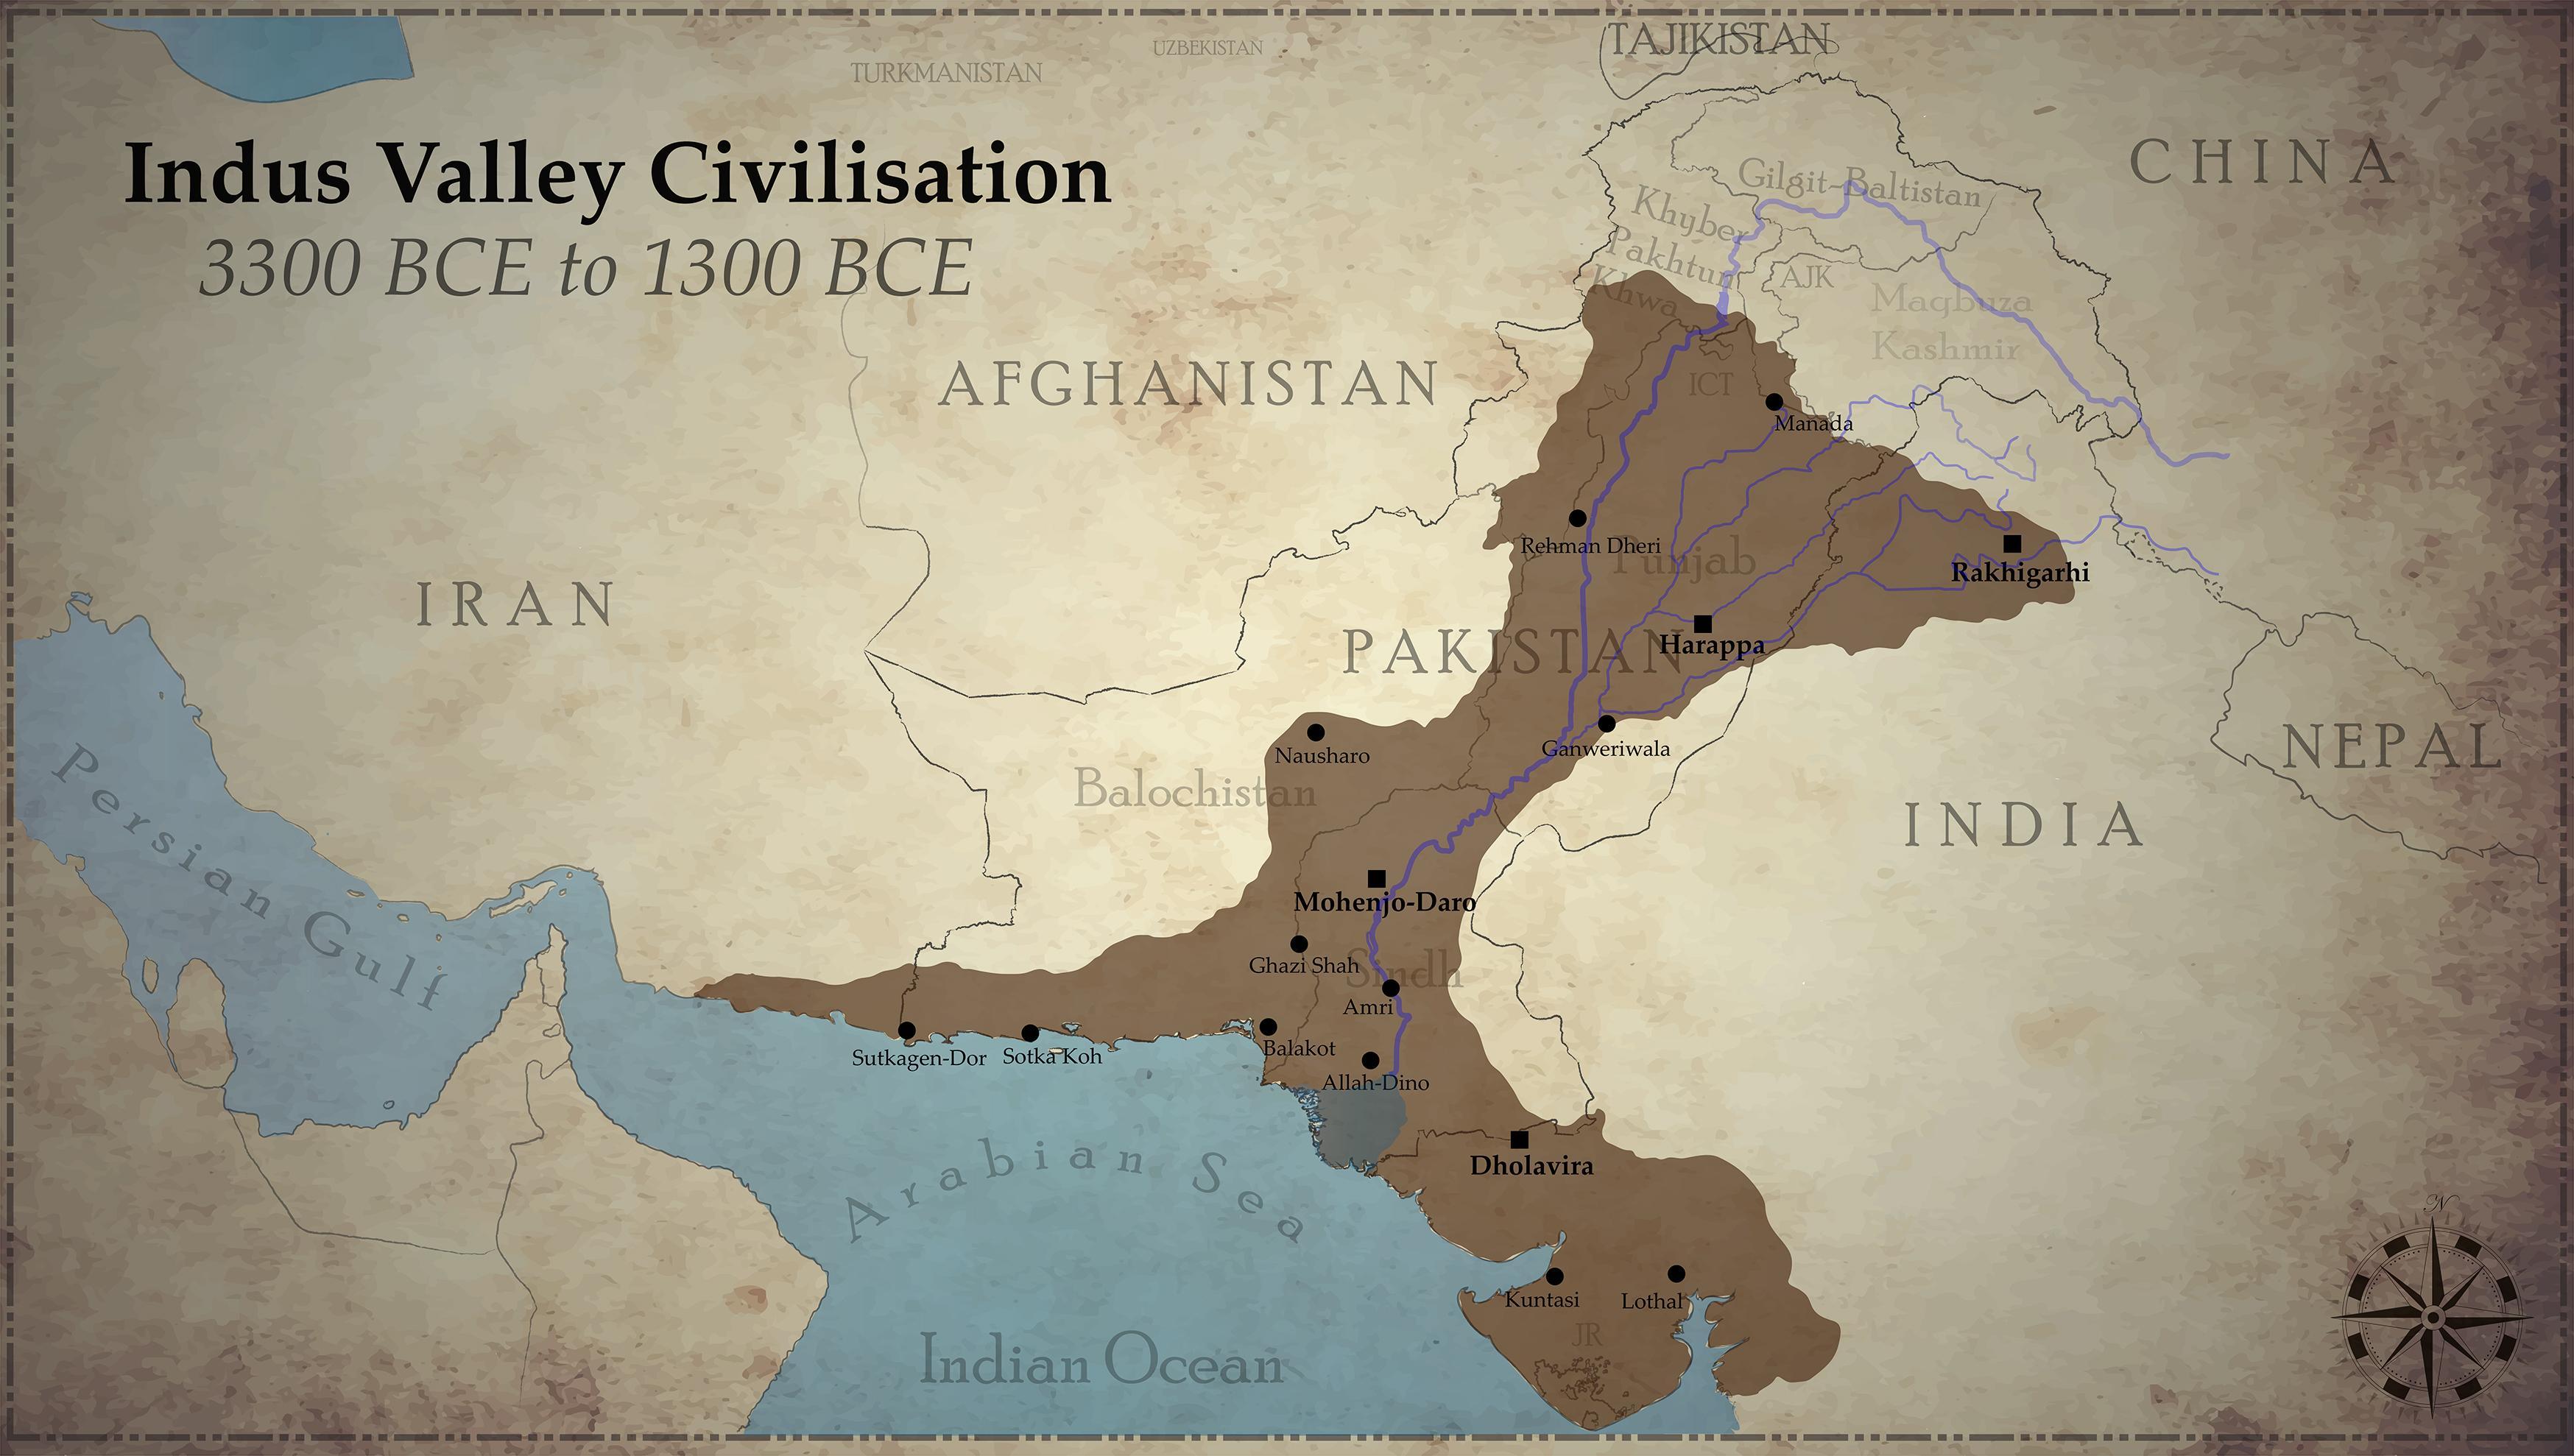 Indus Valley Civilization Oc X Map